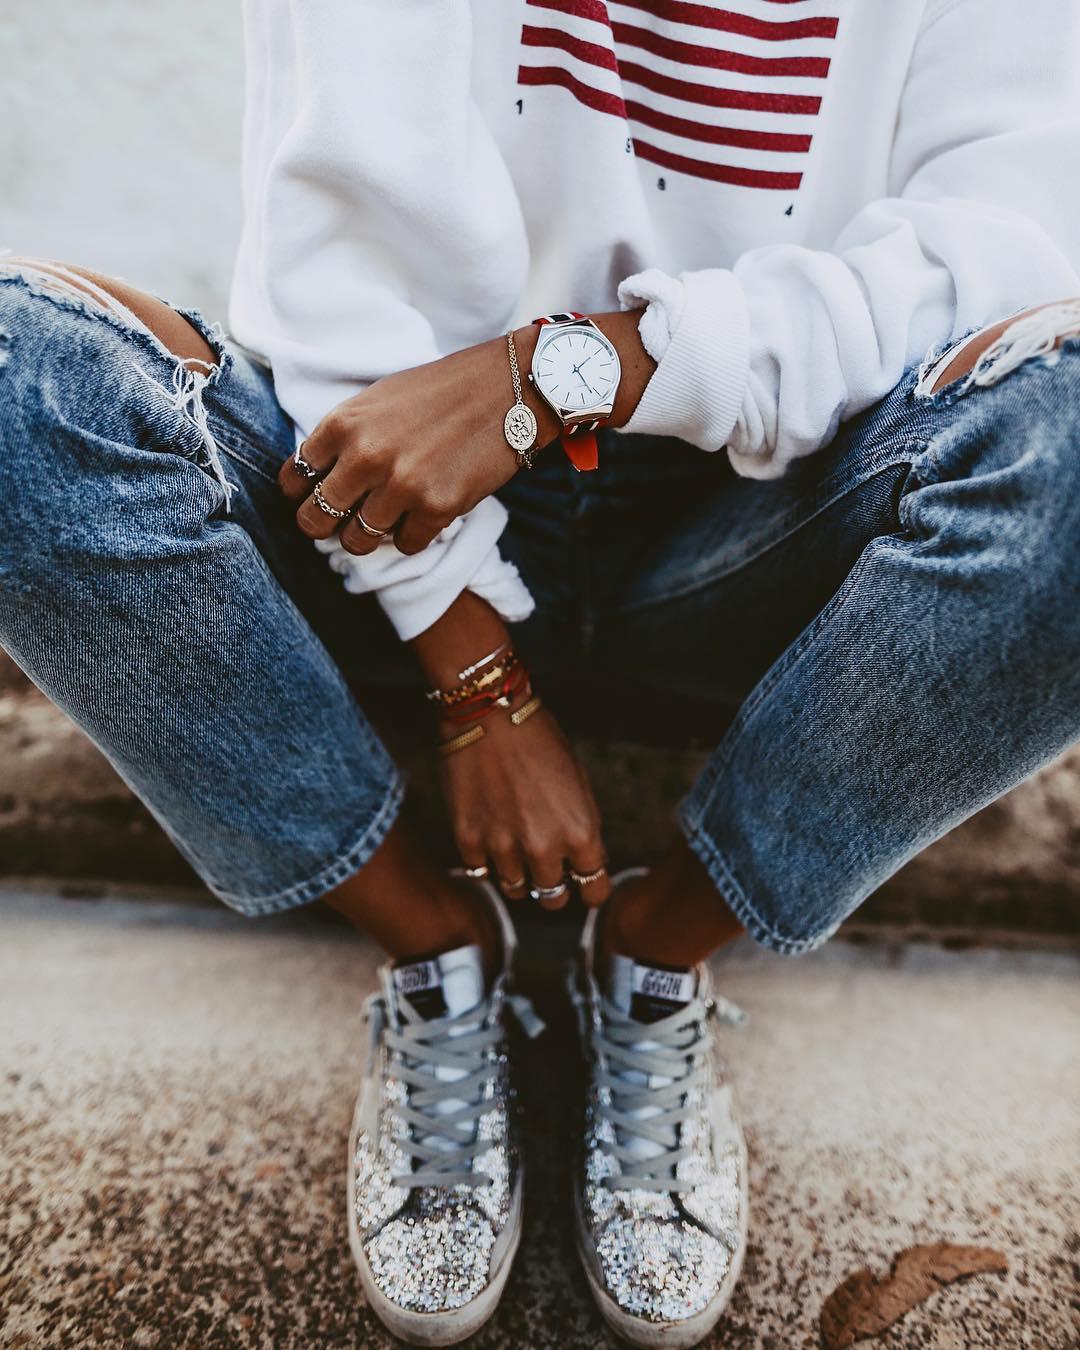 джинсы с кроссовками и кедами фото 12